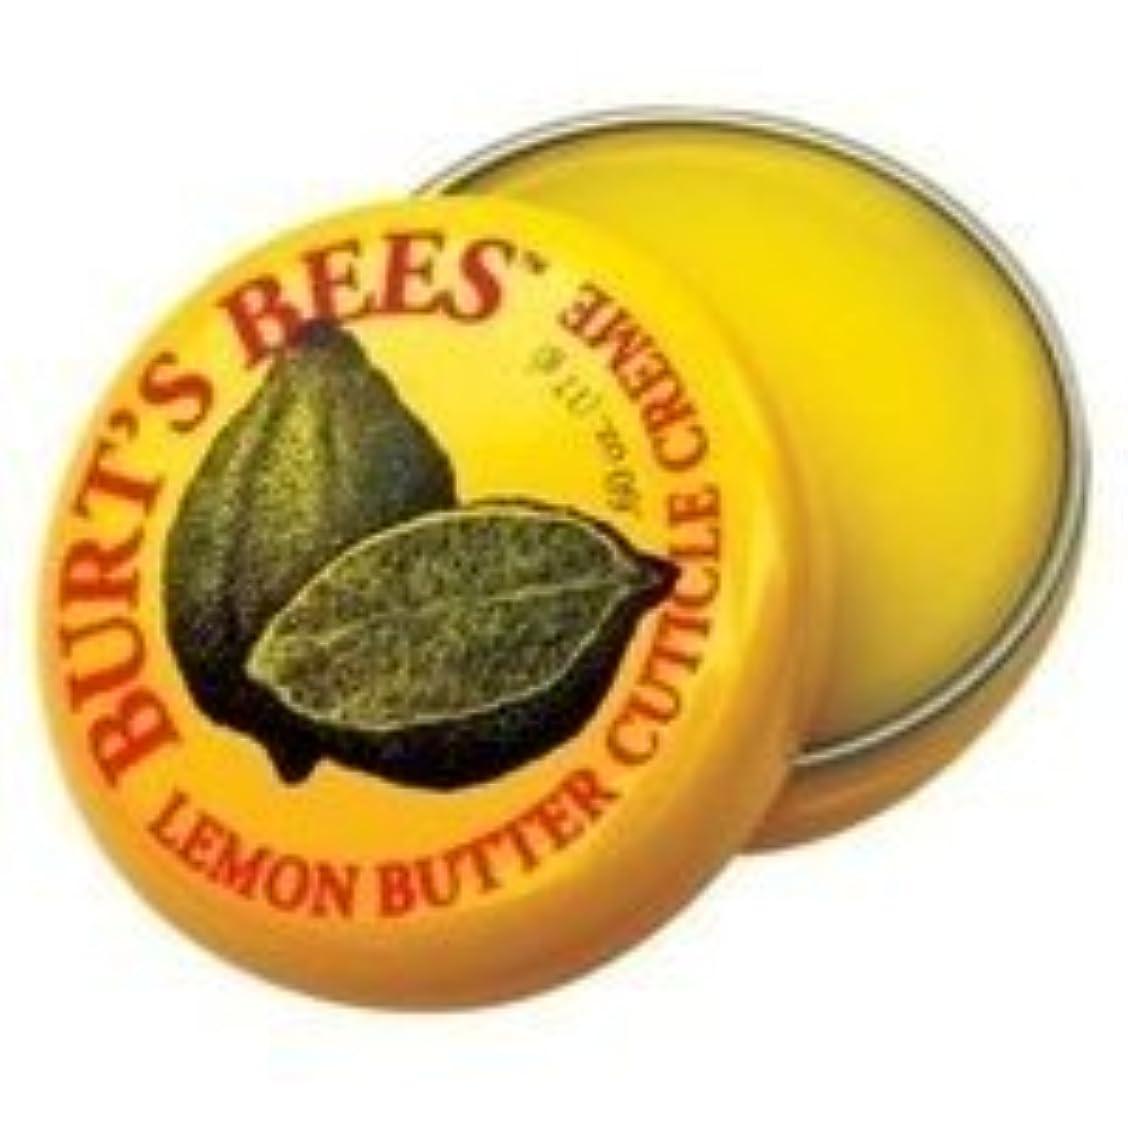 結論避ける過激派バーツビー(バーツビーズ) レモンバターキューティクルクリーム 17g お得な3個セット